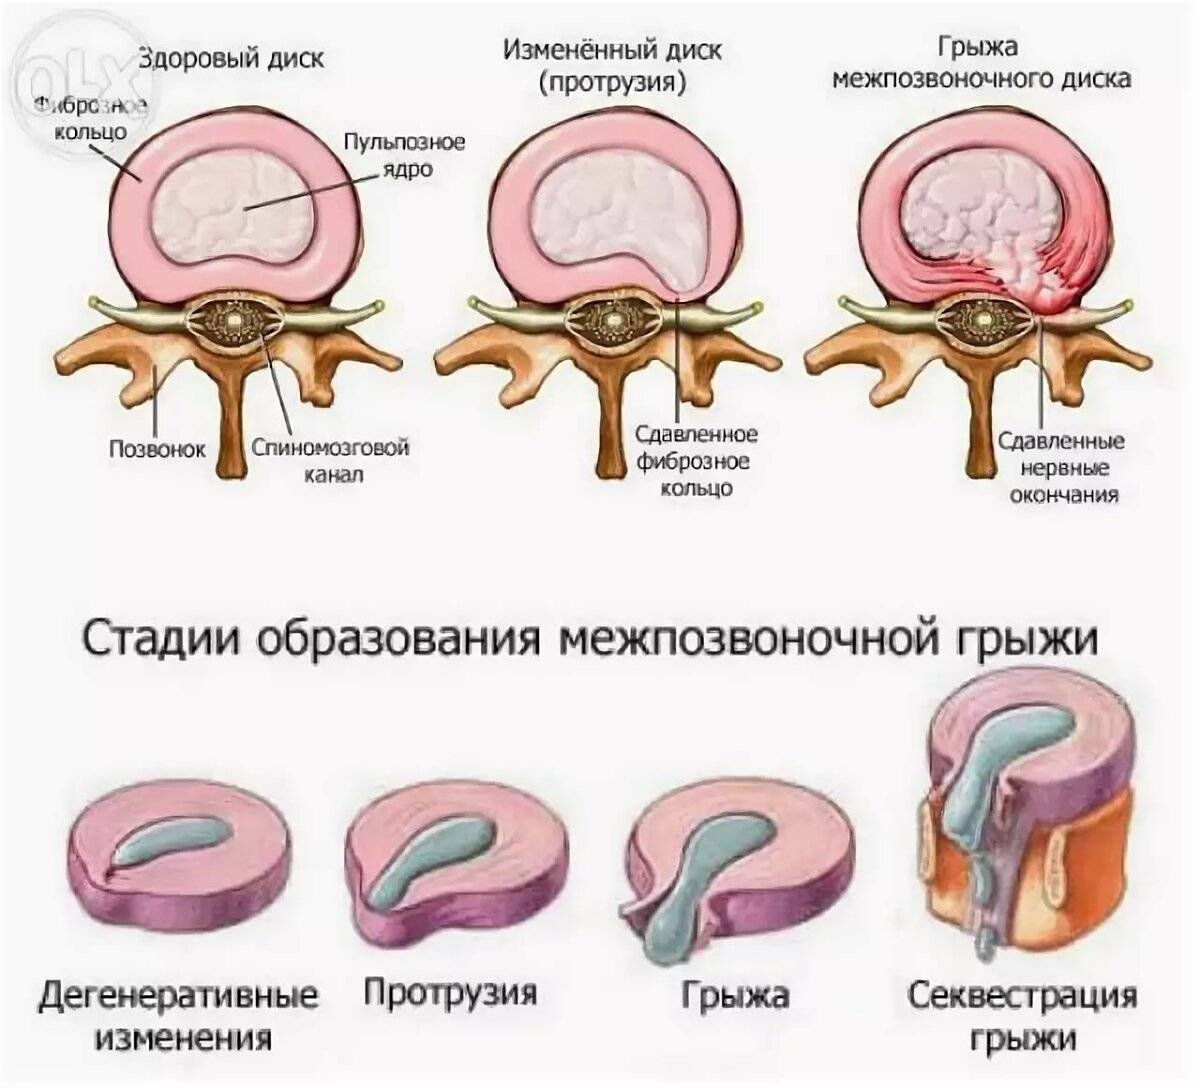 Протрузия межпозвонковых дисков поясничного отдела лечение